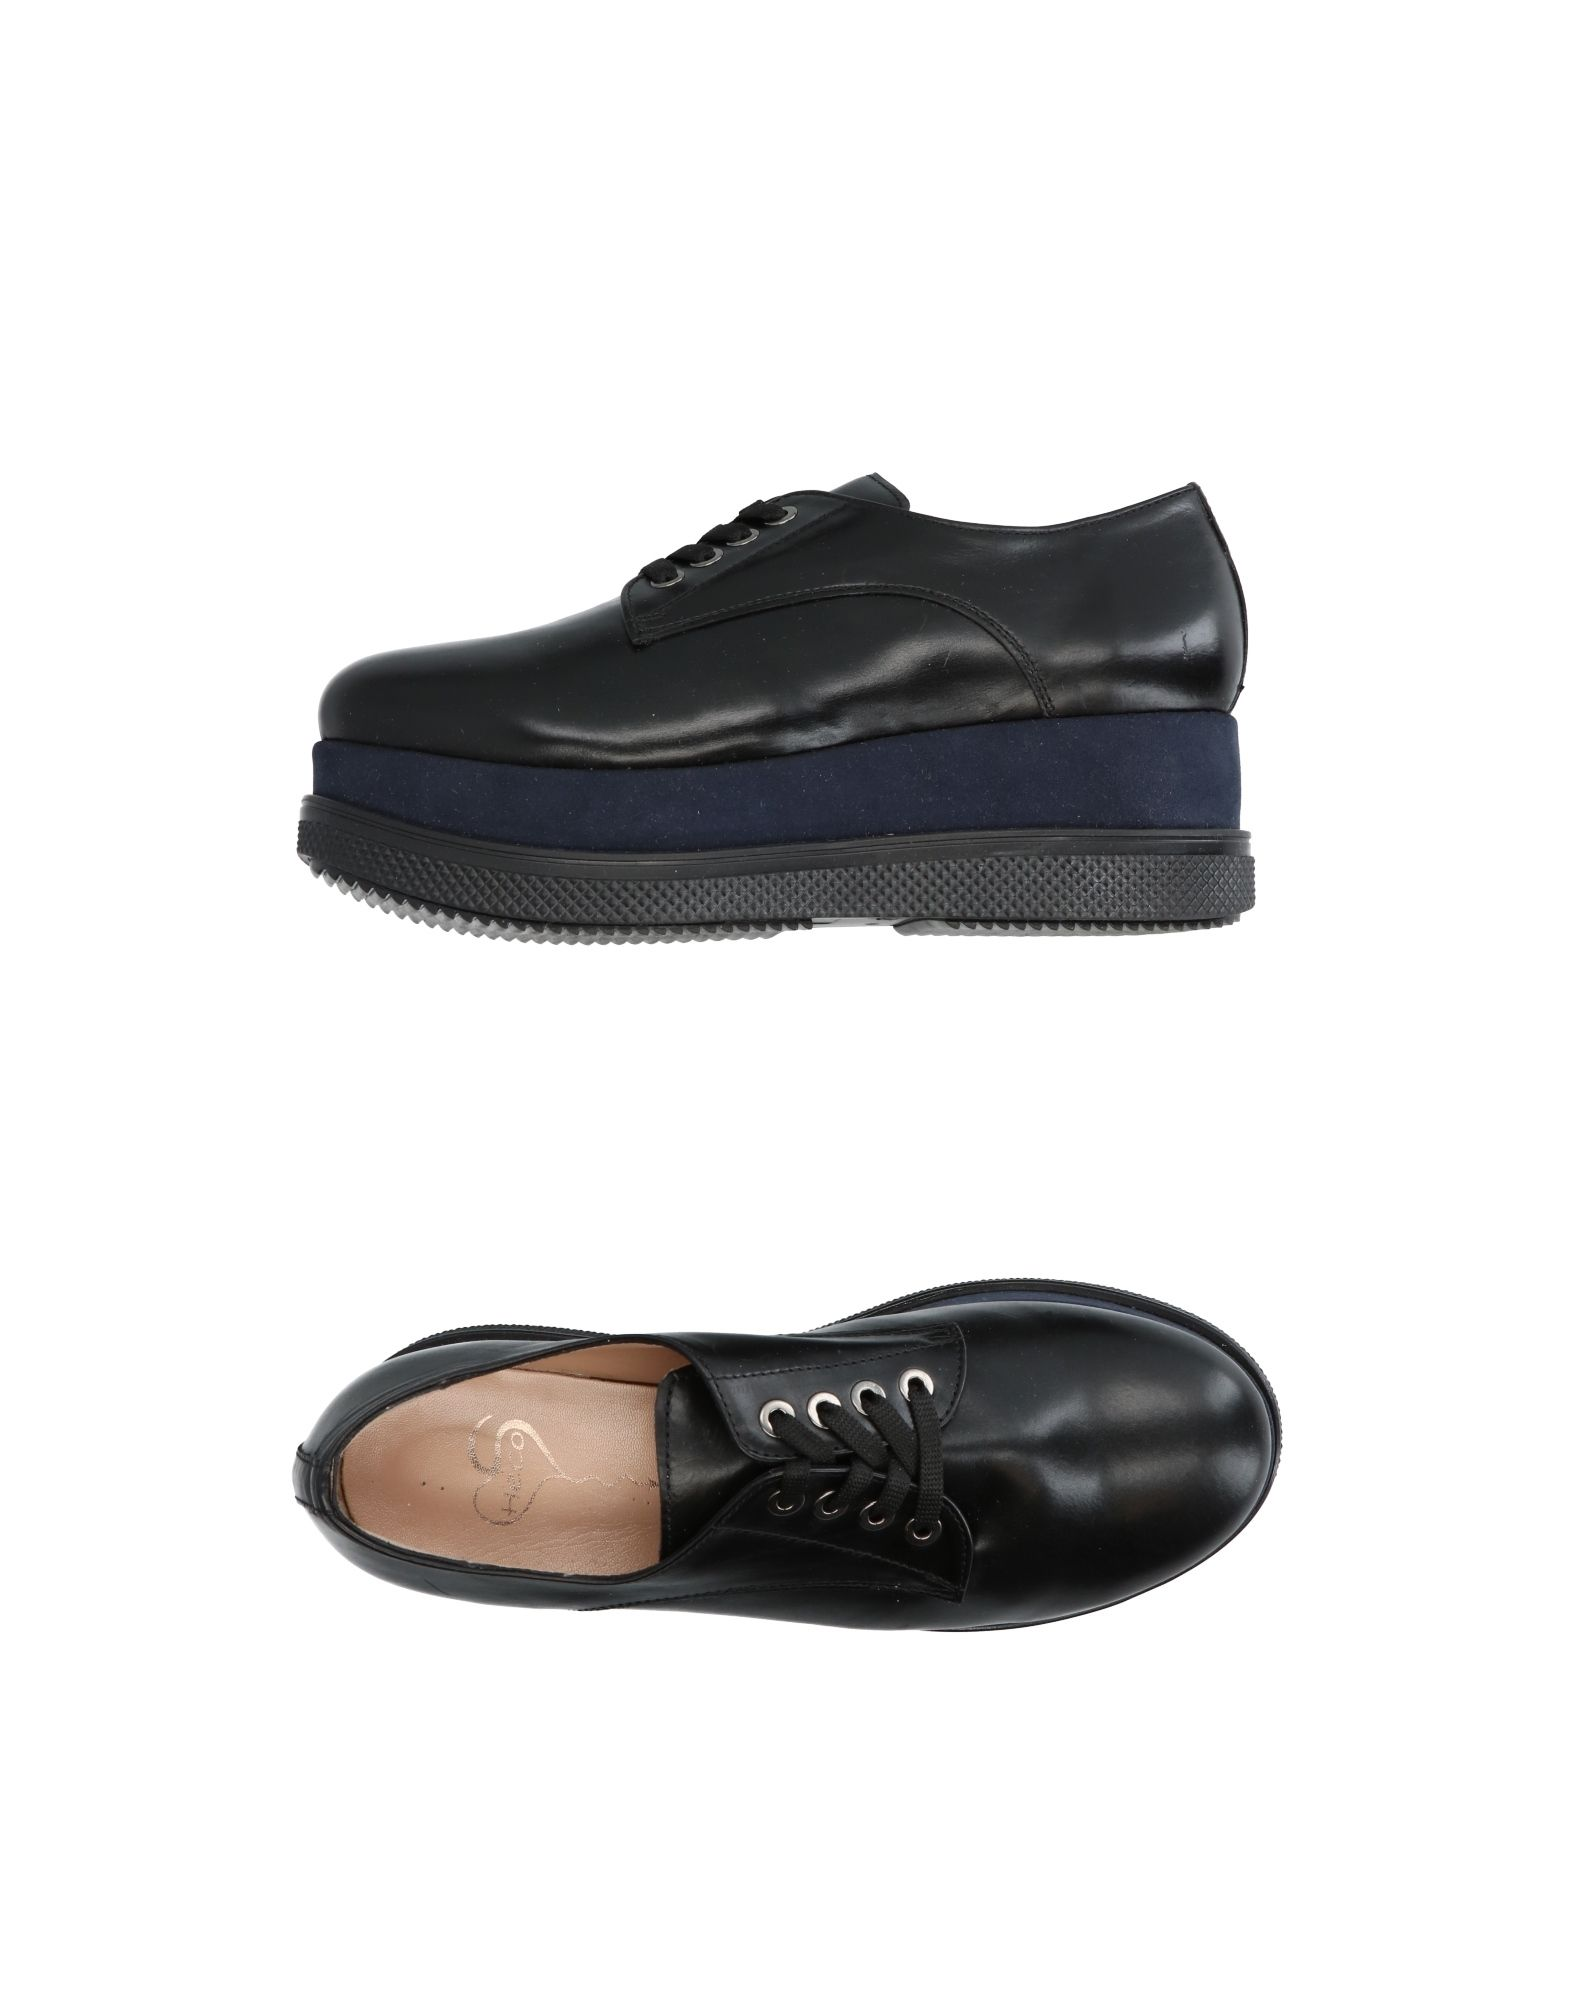 Hécos Schnürschuhe Damen beliebte  11249675VD Gute Qualität beliebte Damen Schuhe c6be6f